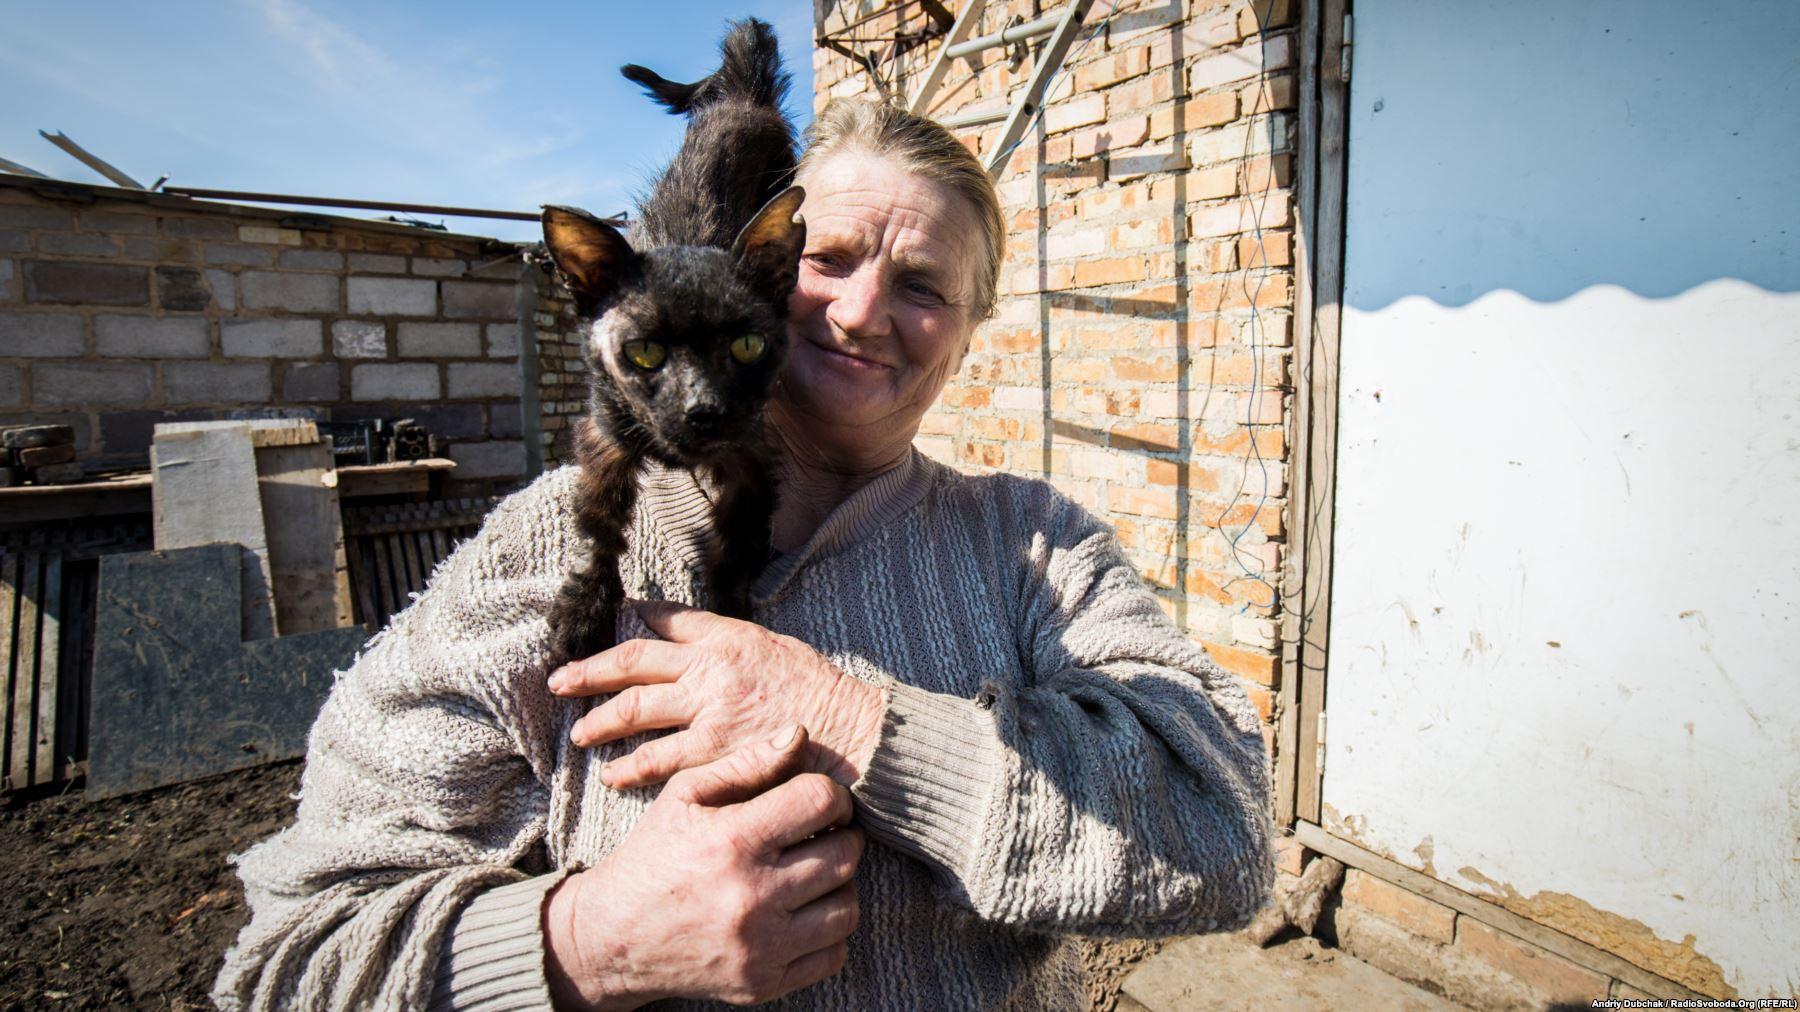 «Привіт із Водяного». Баба Зоя зі своїм котом Тімкою. Кіт був поранений та зараз хворіє, жінка як може лікує його